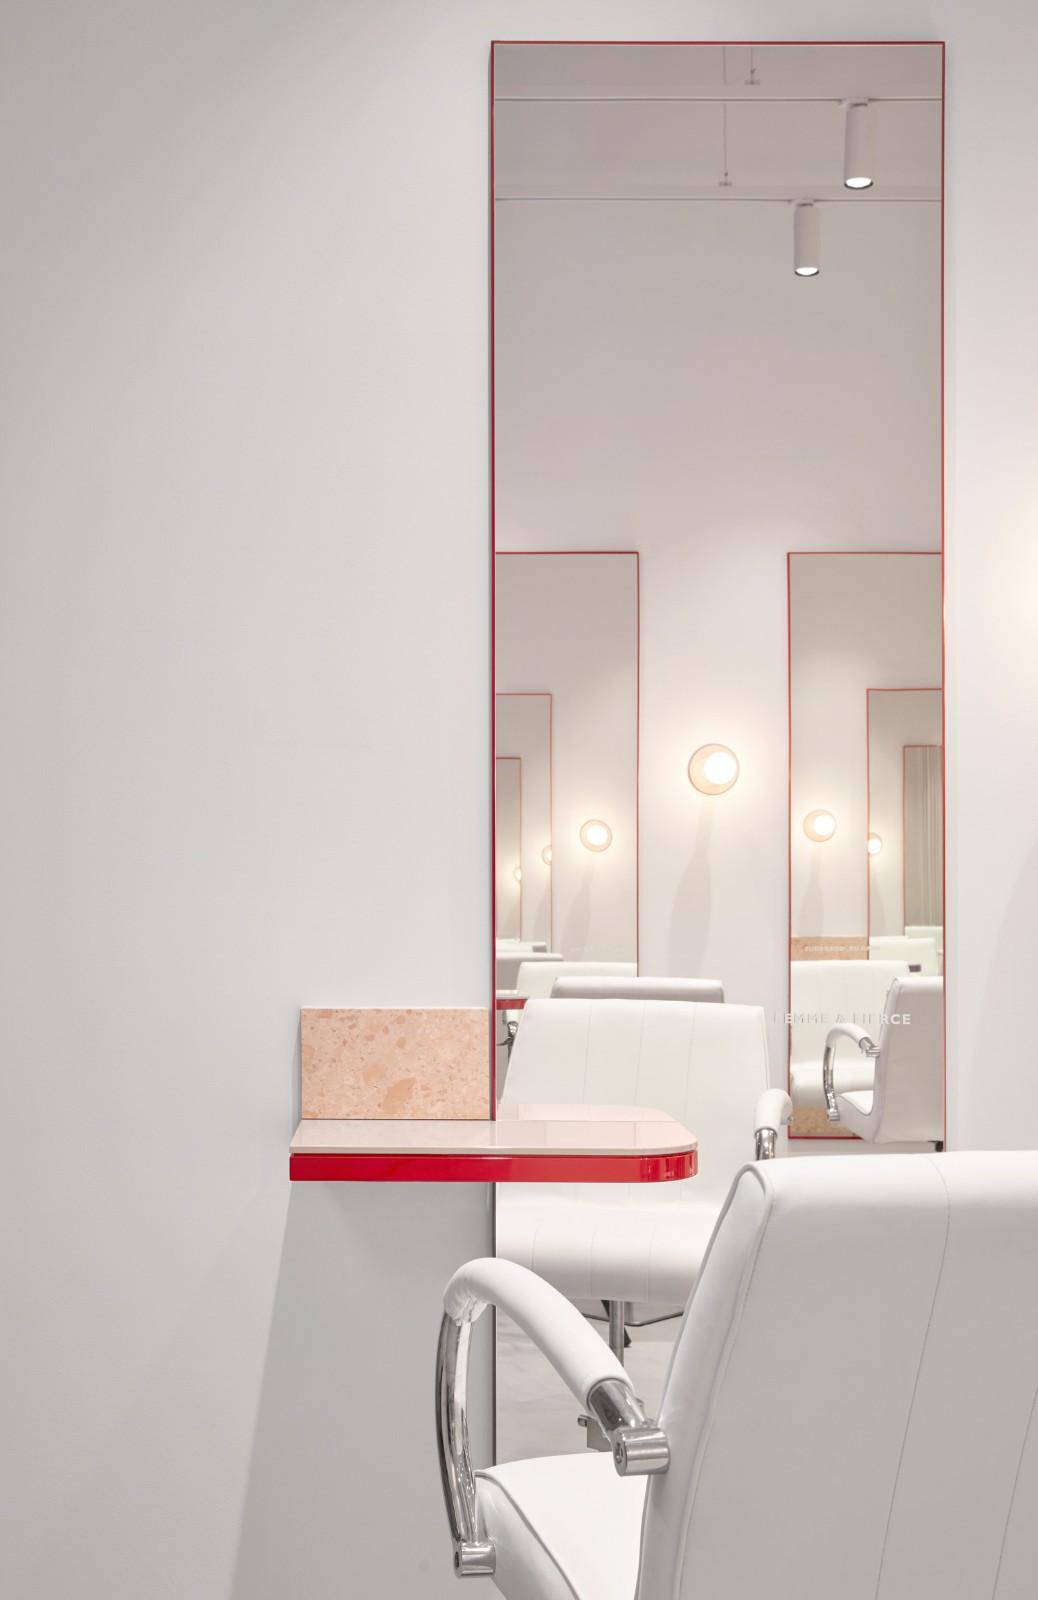 流動的粉色空間·墨爾本美發沙龍  TECTURE插图6